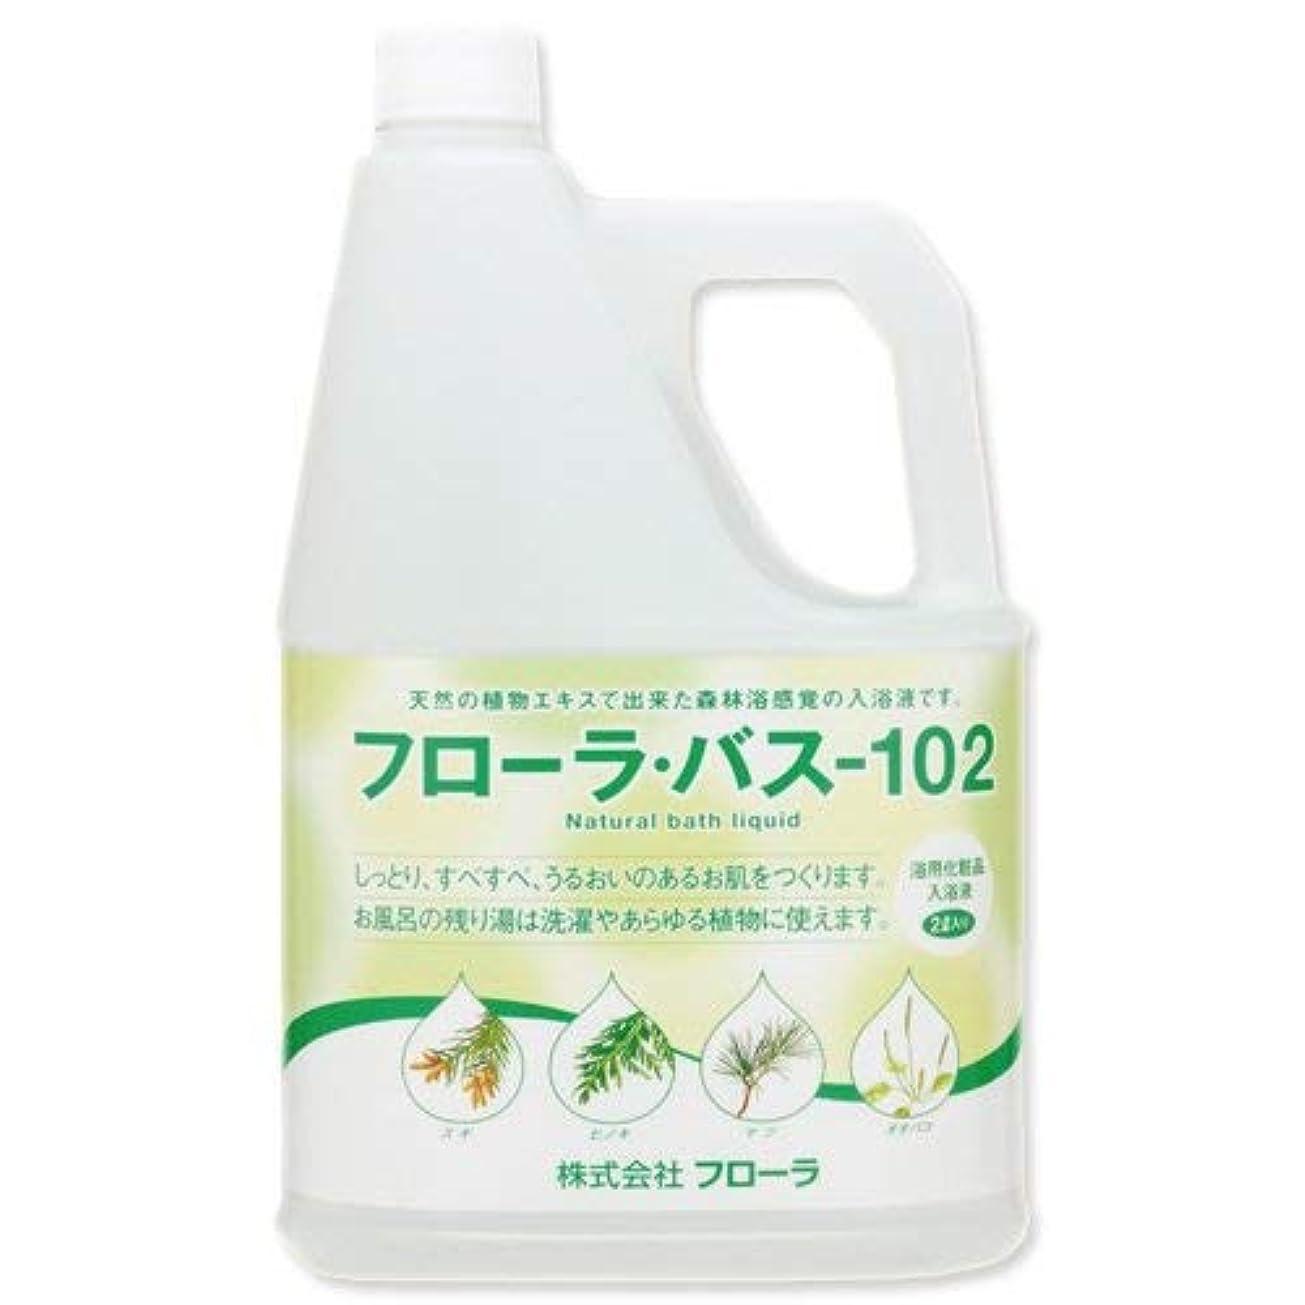 トークンサロン抽象浴用化粧品 入浴液 フローラ?バス-102  2L